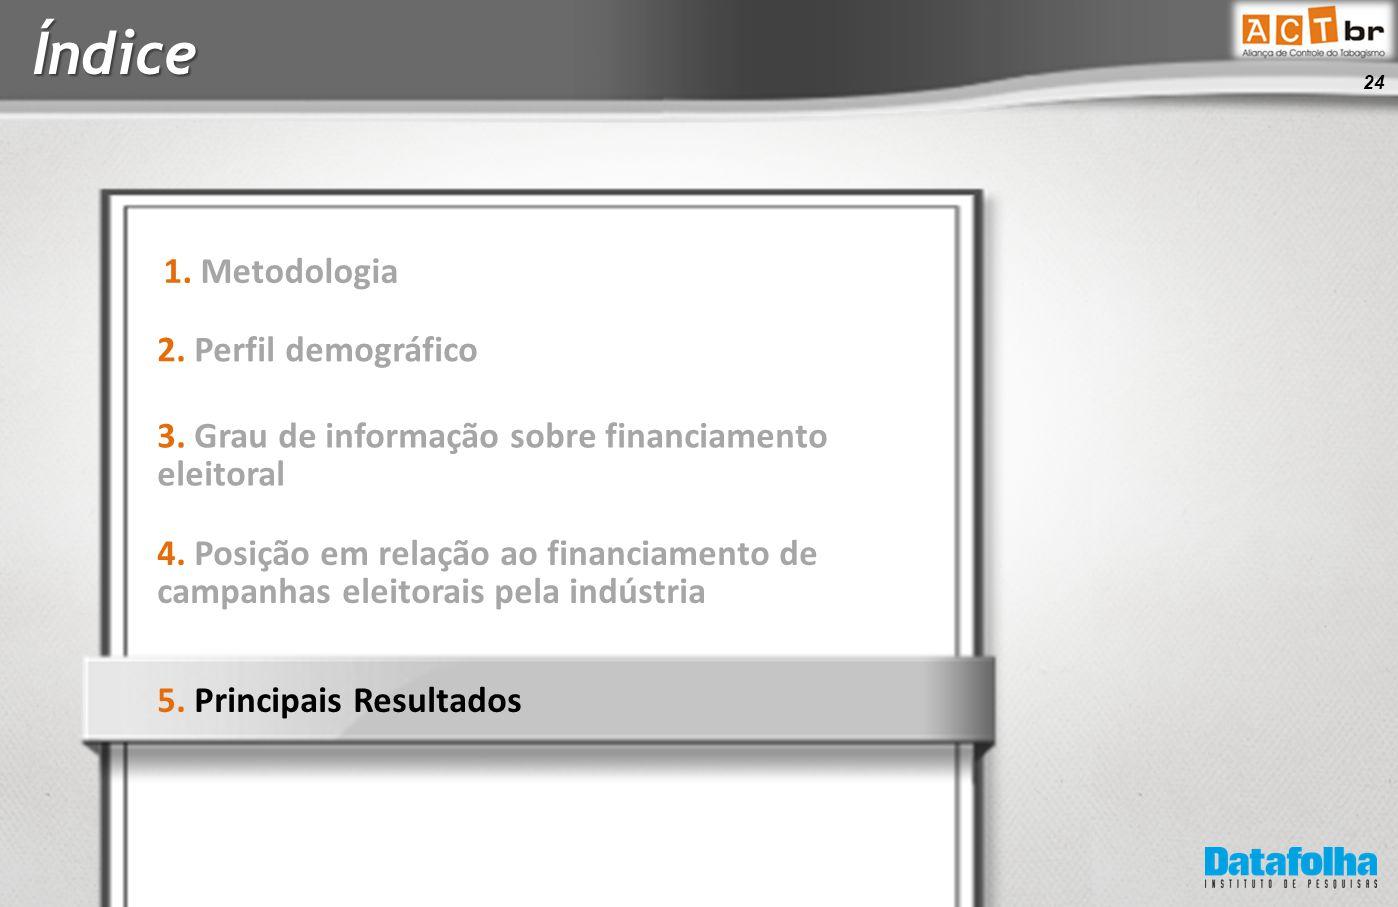 24 Índice 1. Metodologia 2. Perfil demográfico 3. Grau de informação sobre financiamento eleitoral 4. Posição em relação ao financiamento de campanhas